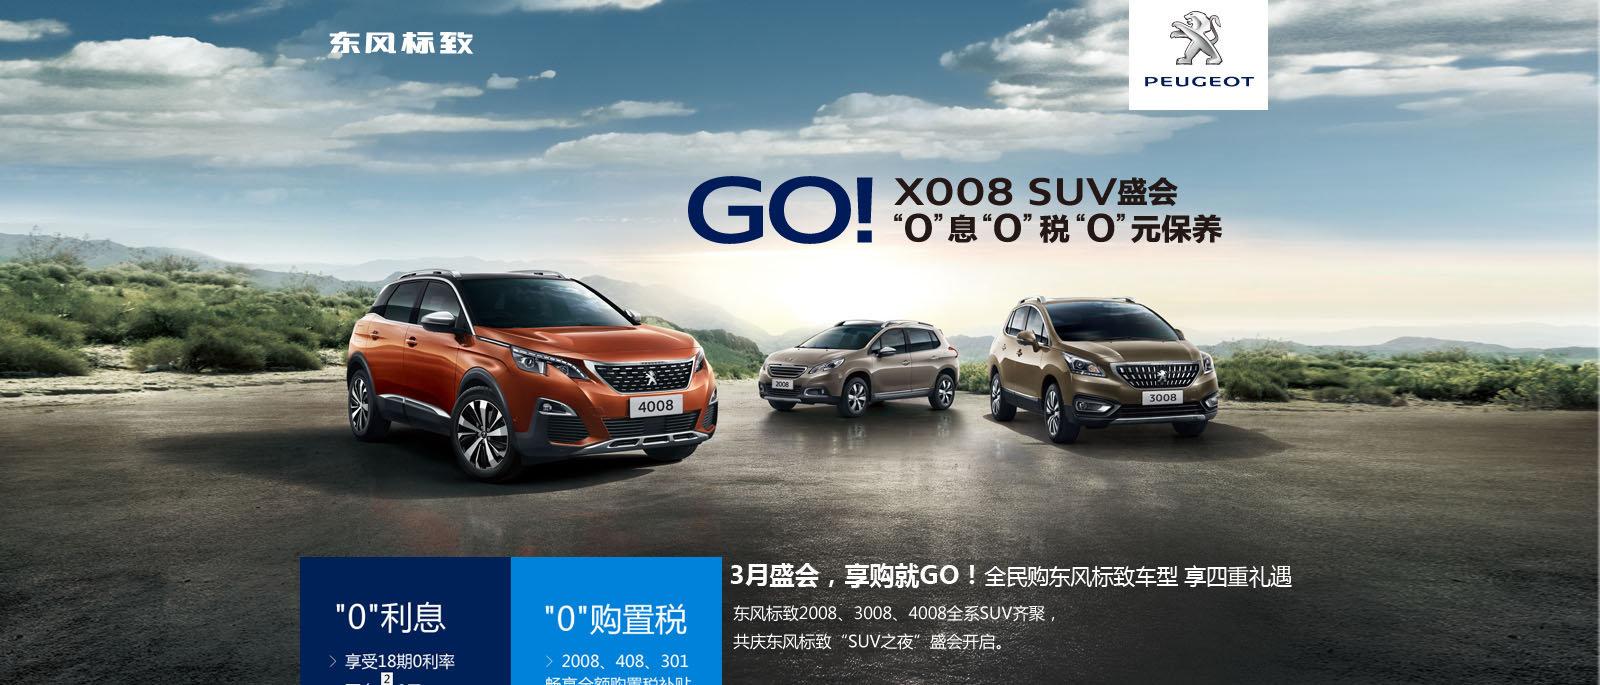 2017年东风标致3月广告